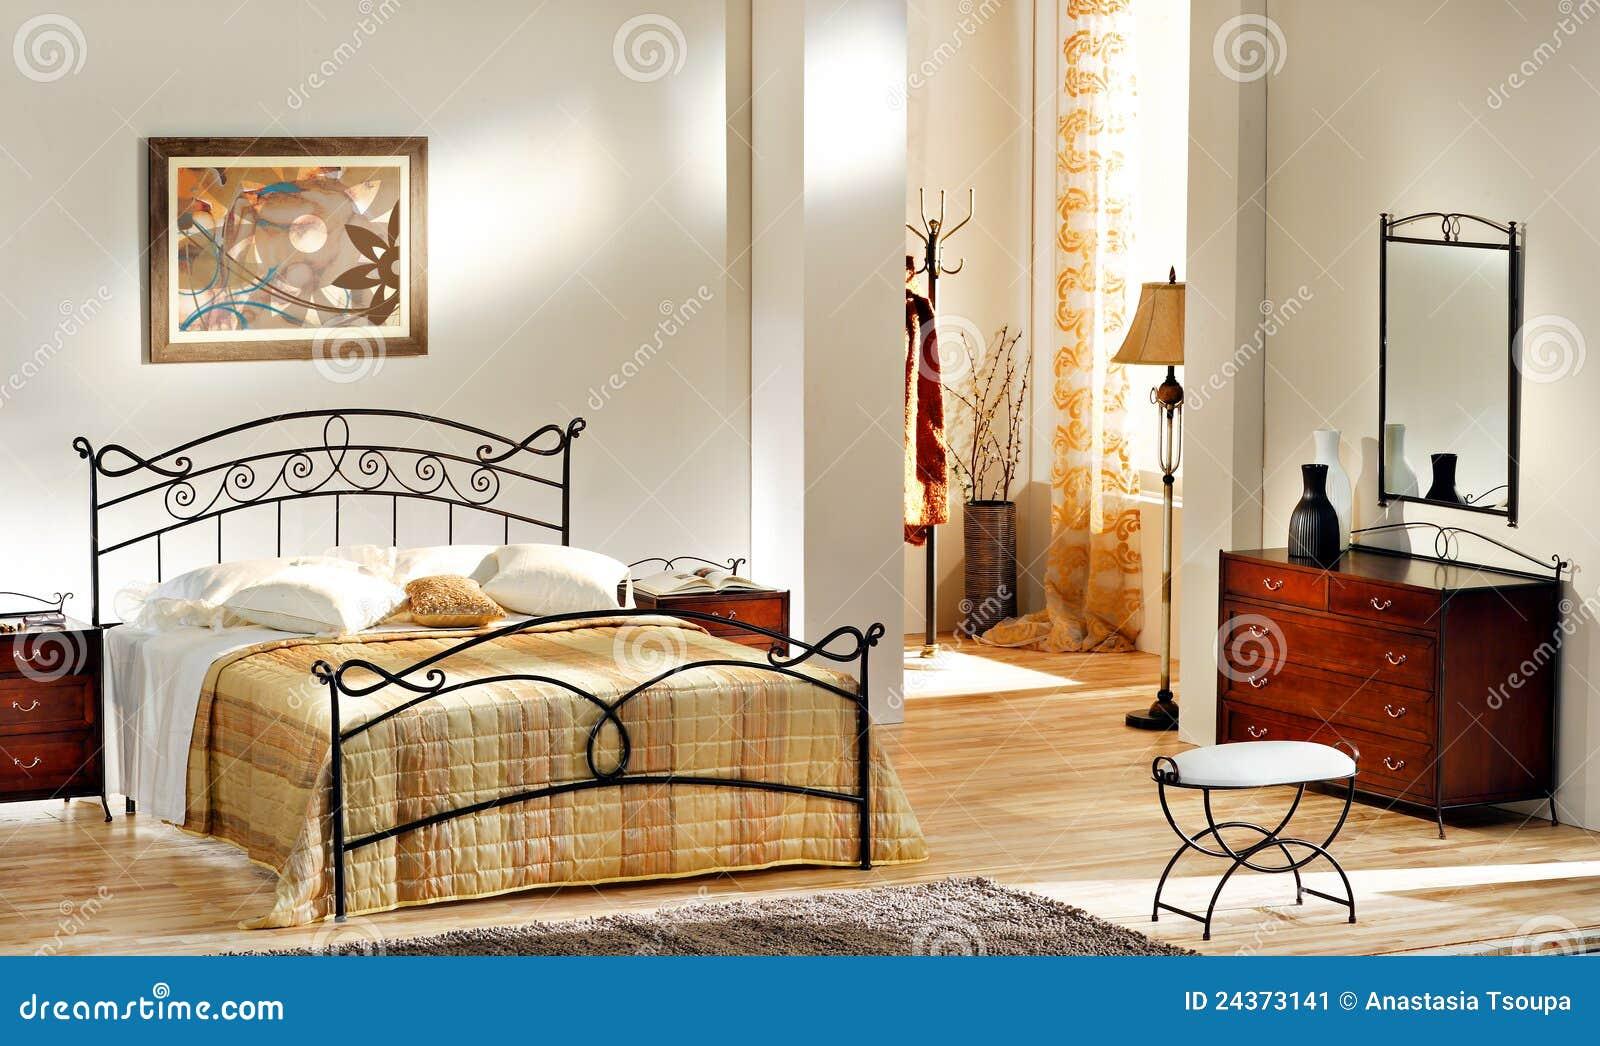 Camera da letto classica immagine stock immagine 24373141 - Camera da letto classica ...